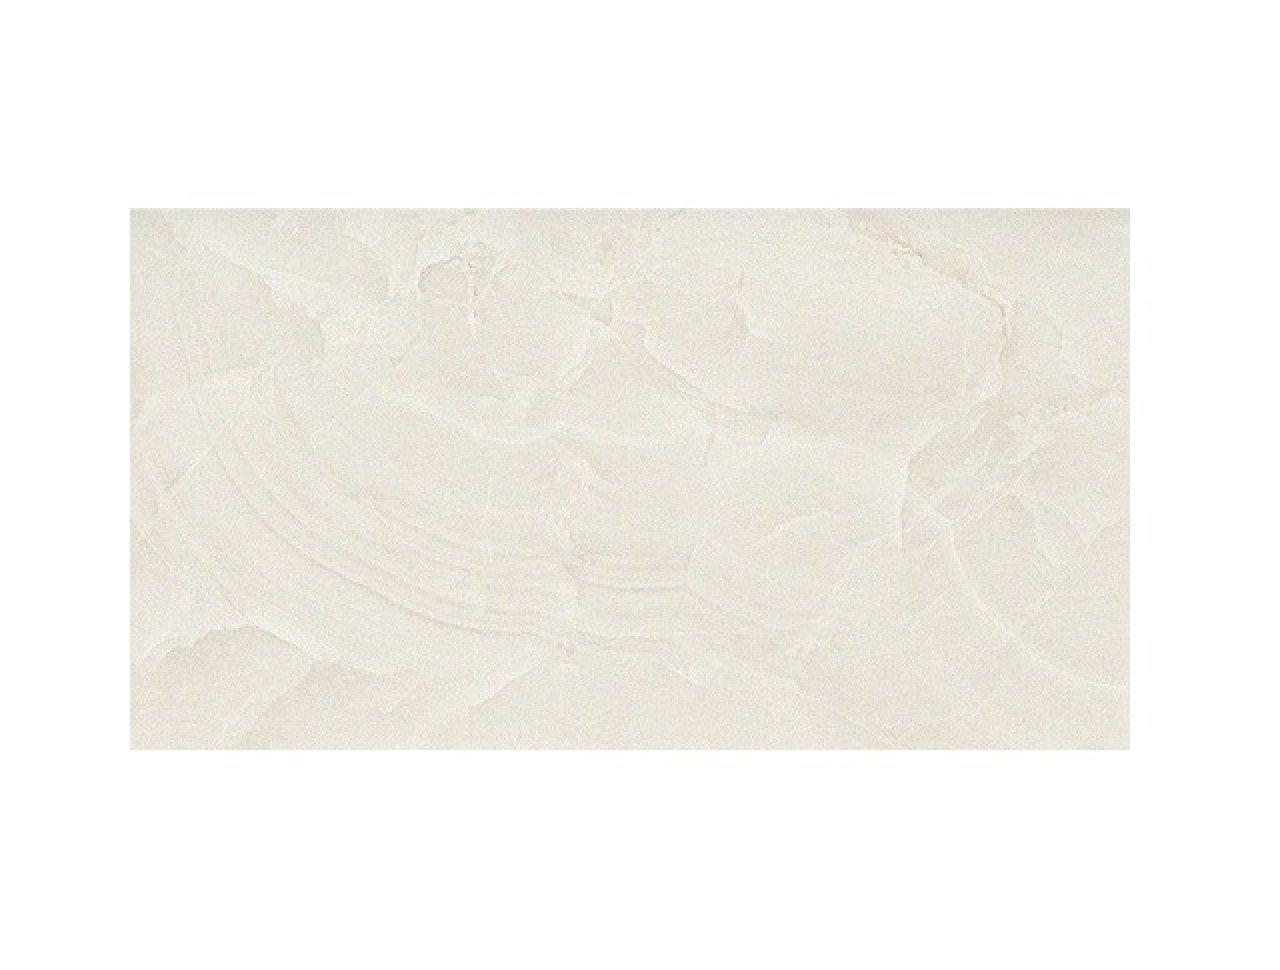 Настенная плитка Marvel Champagne Onyx 30.5x56